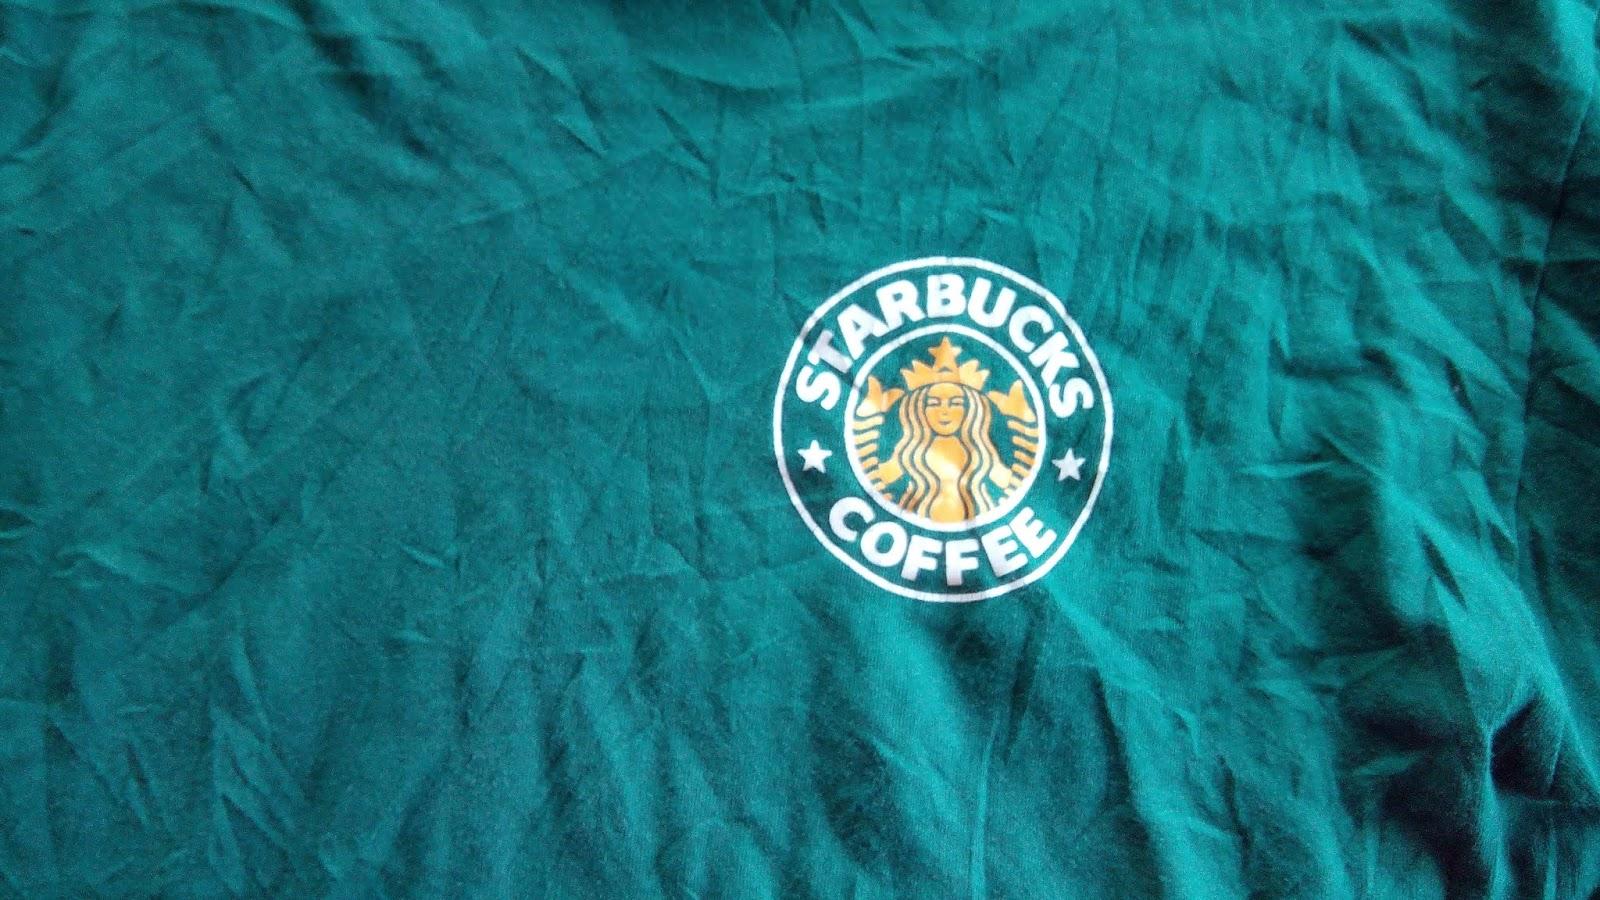 ขายเสื้อยืดมือสอง StarBucks